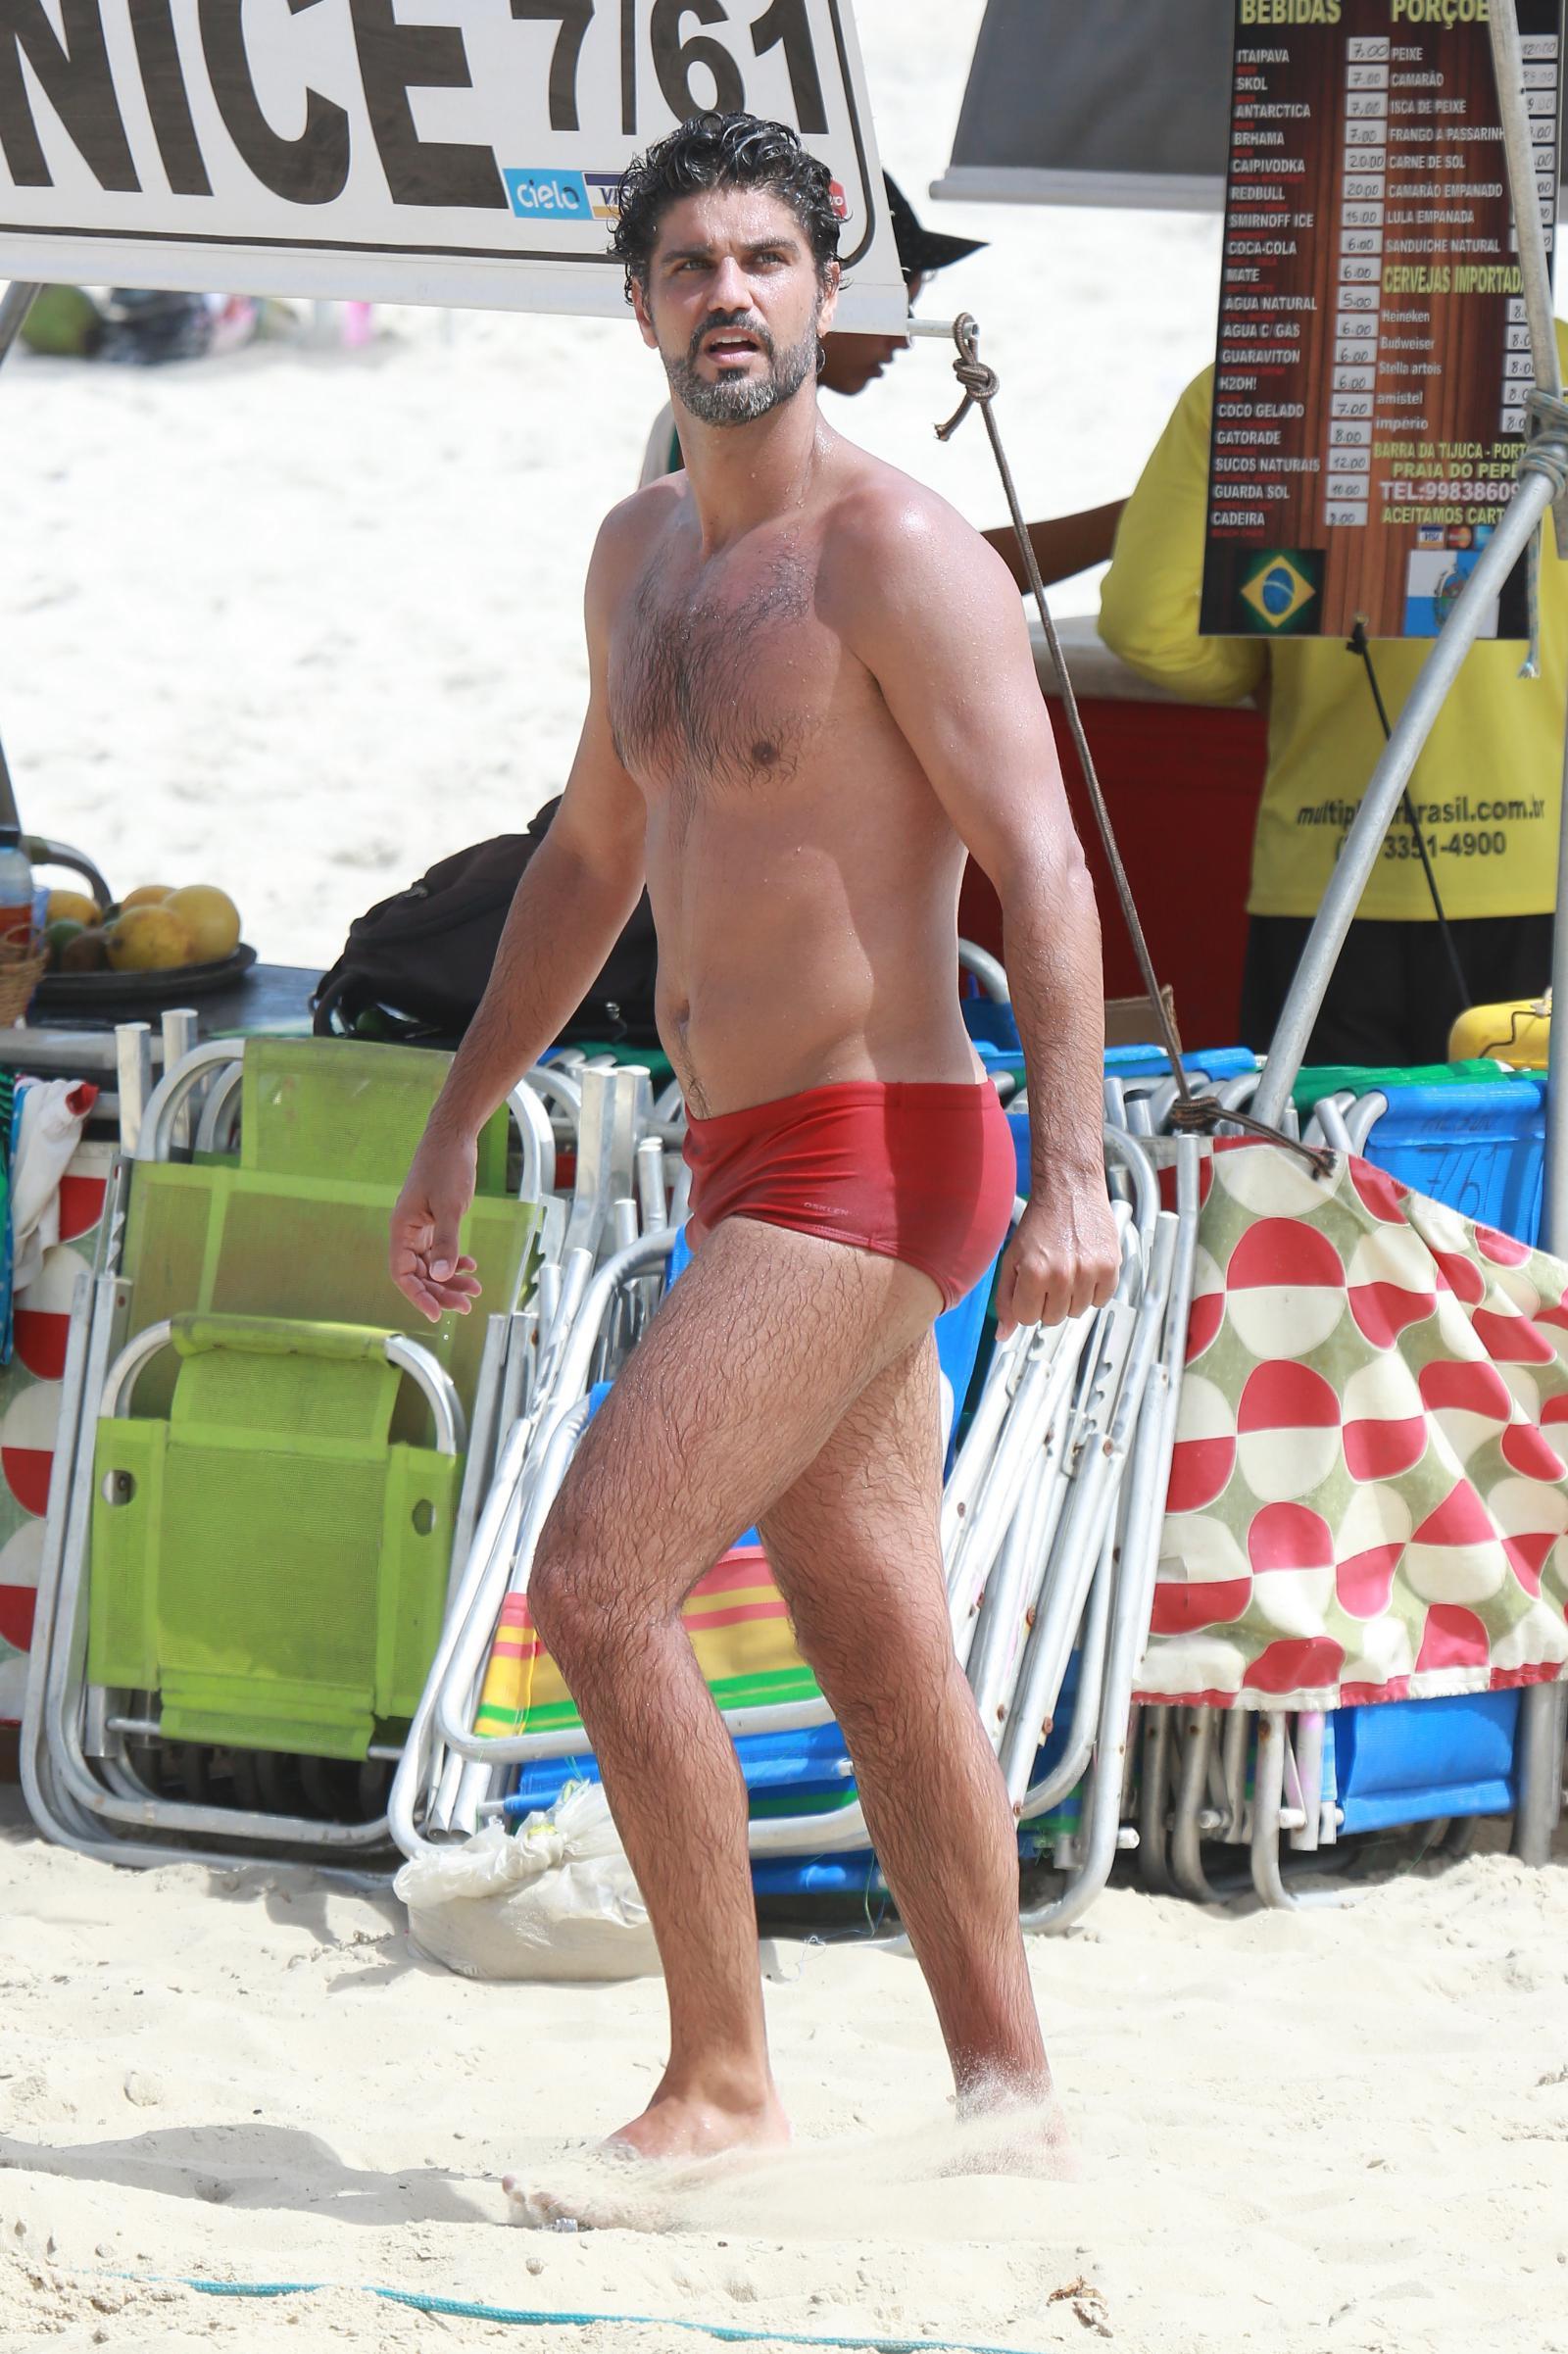 maria sms praia sexo